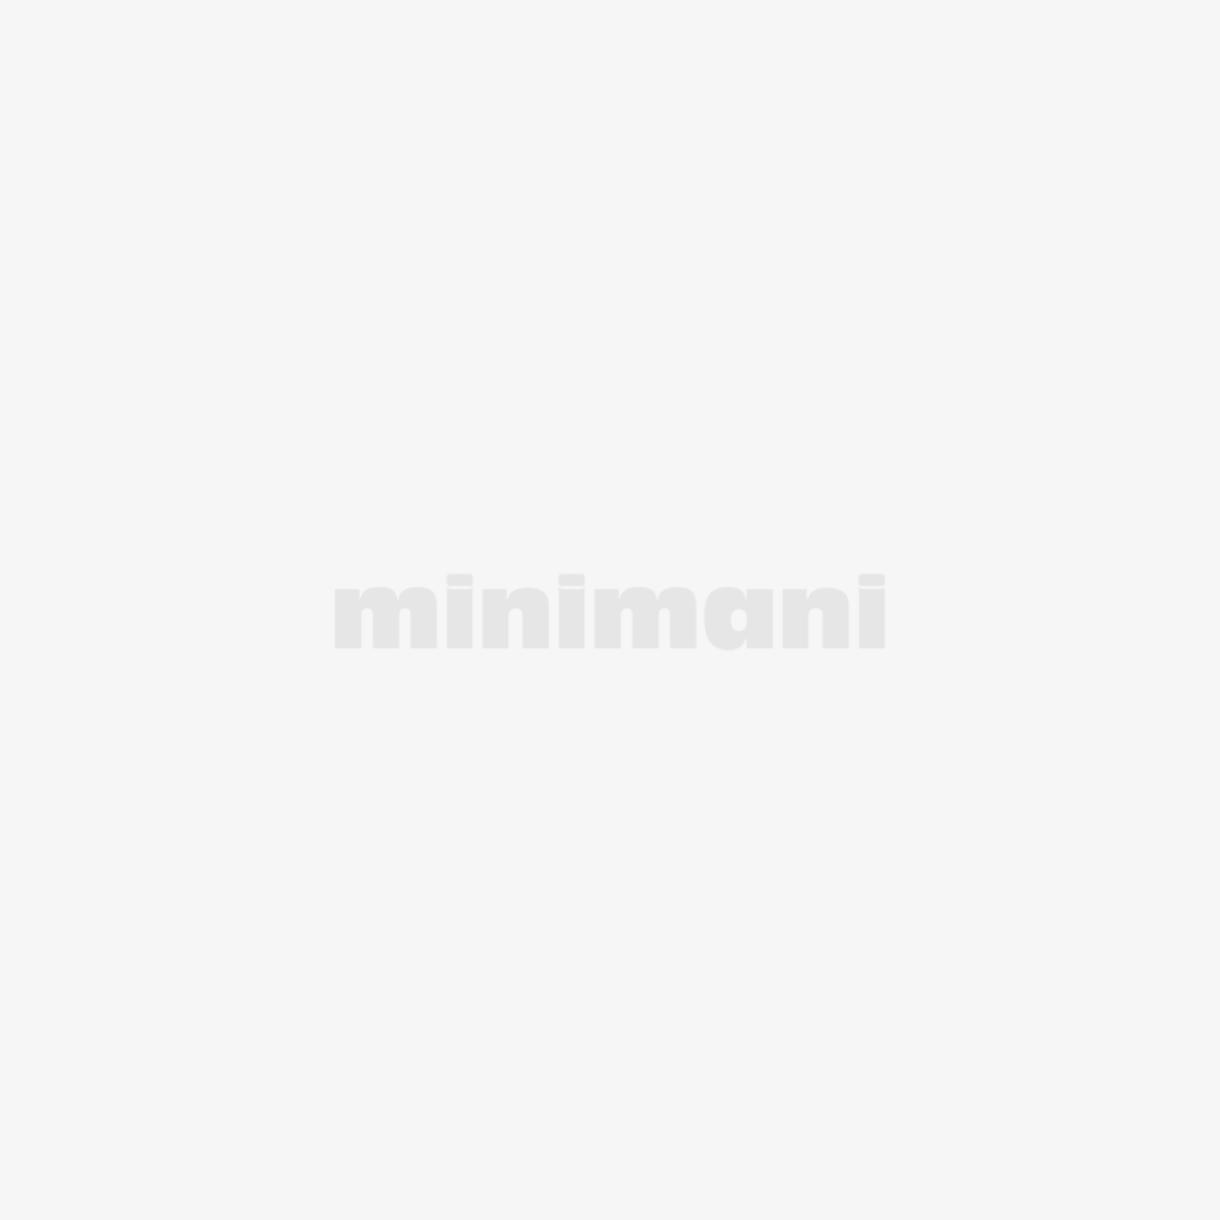 STANLEY LIIMAPUIKKO HM 1-GS230-24 11.3mmx101mm (x24)